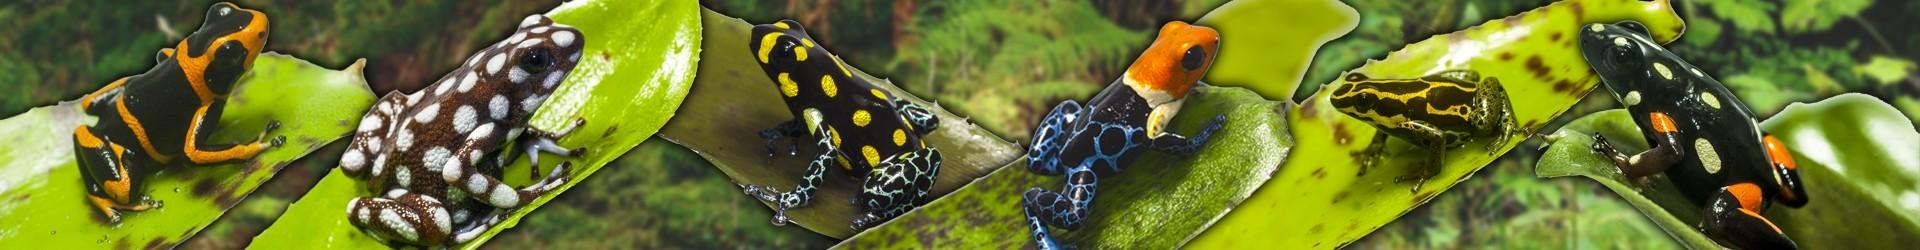 Geckos Nueva Caledonia